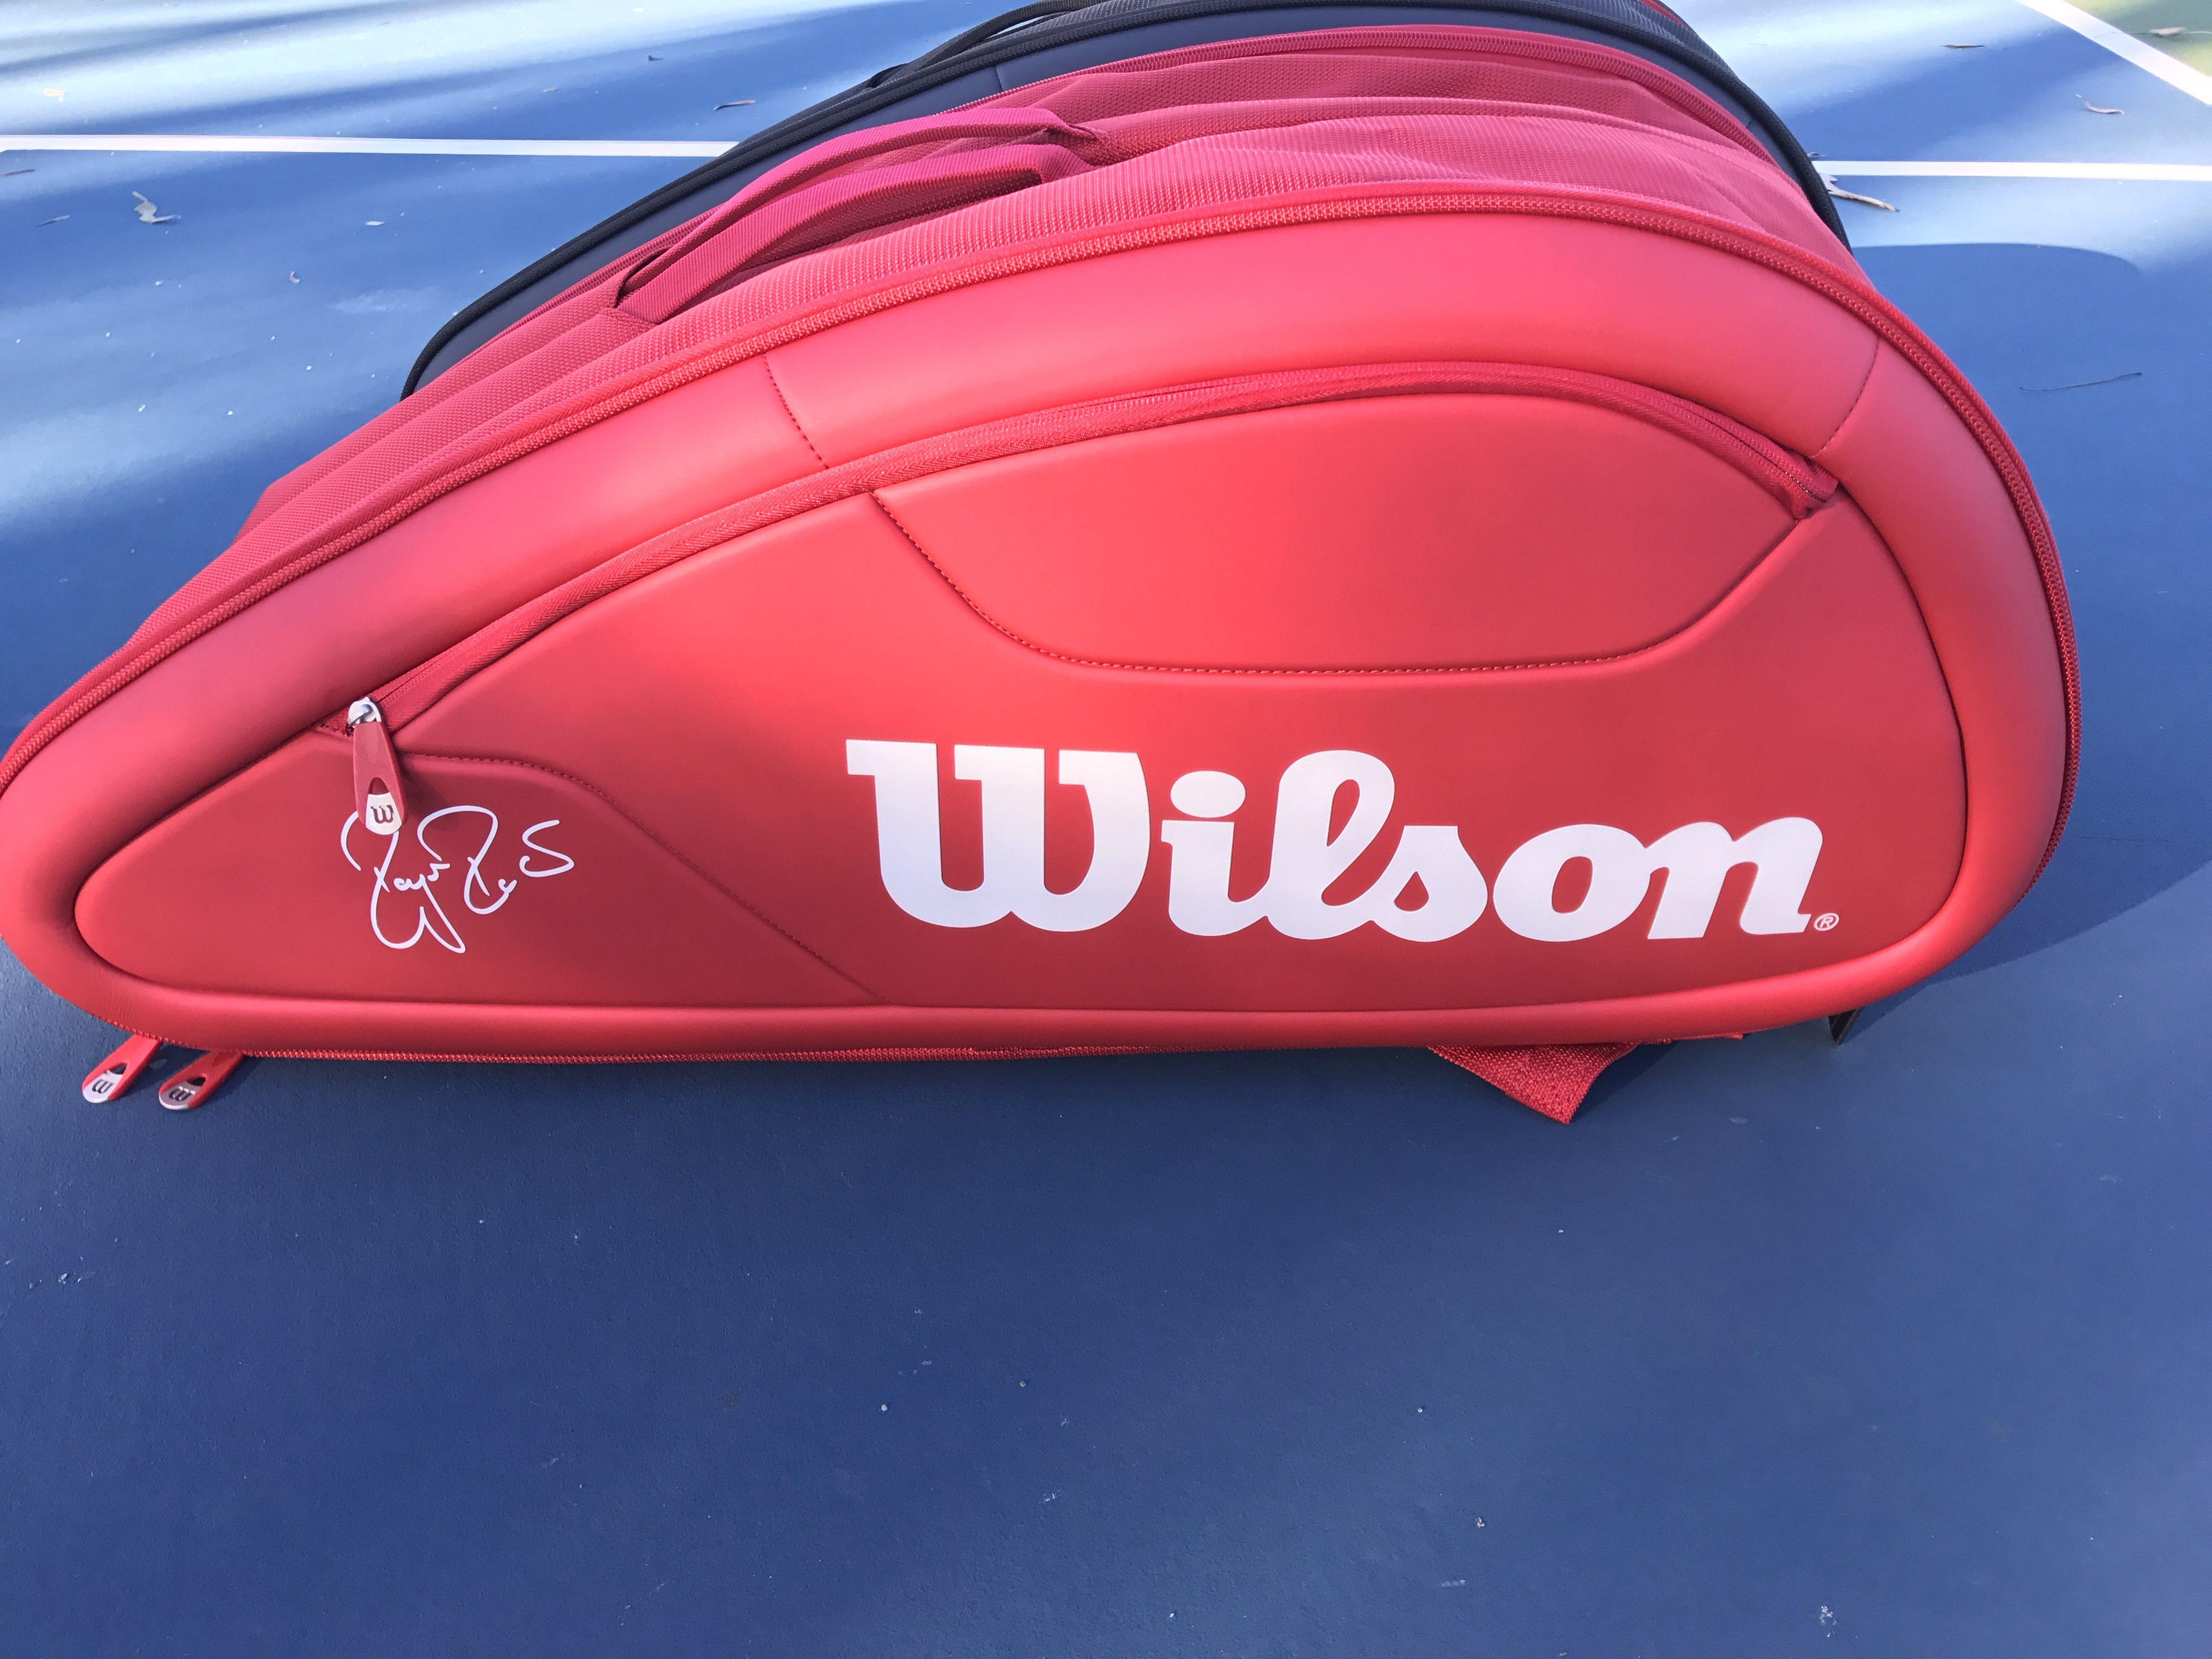 Federer DNA 12 Pack Tennis Bag - Red and Black